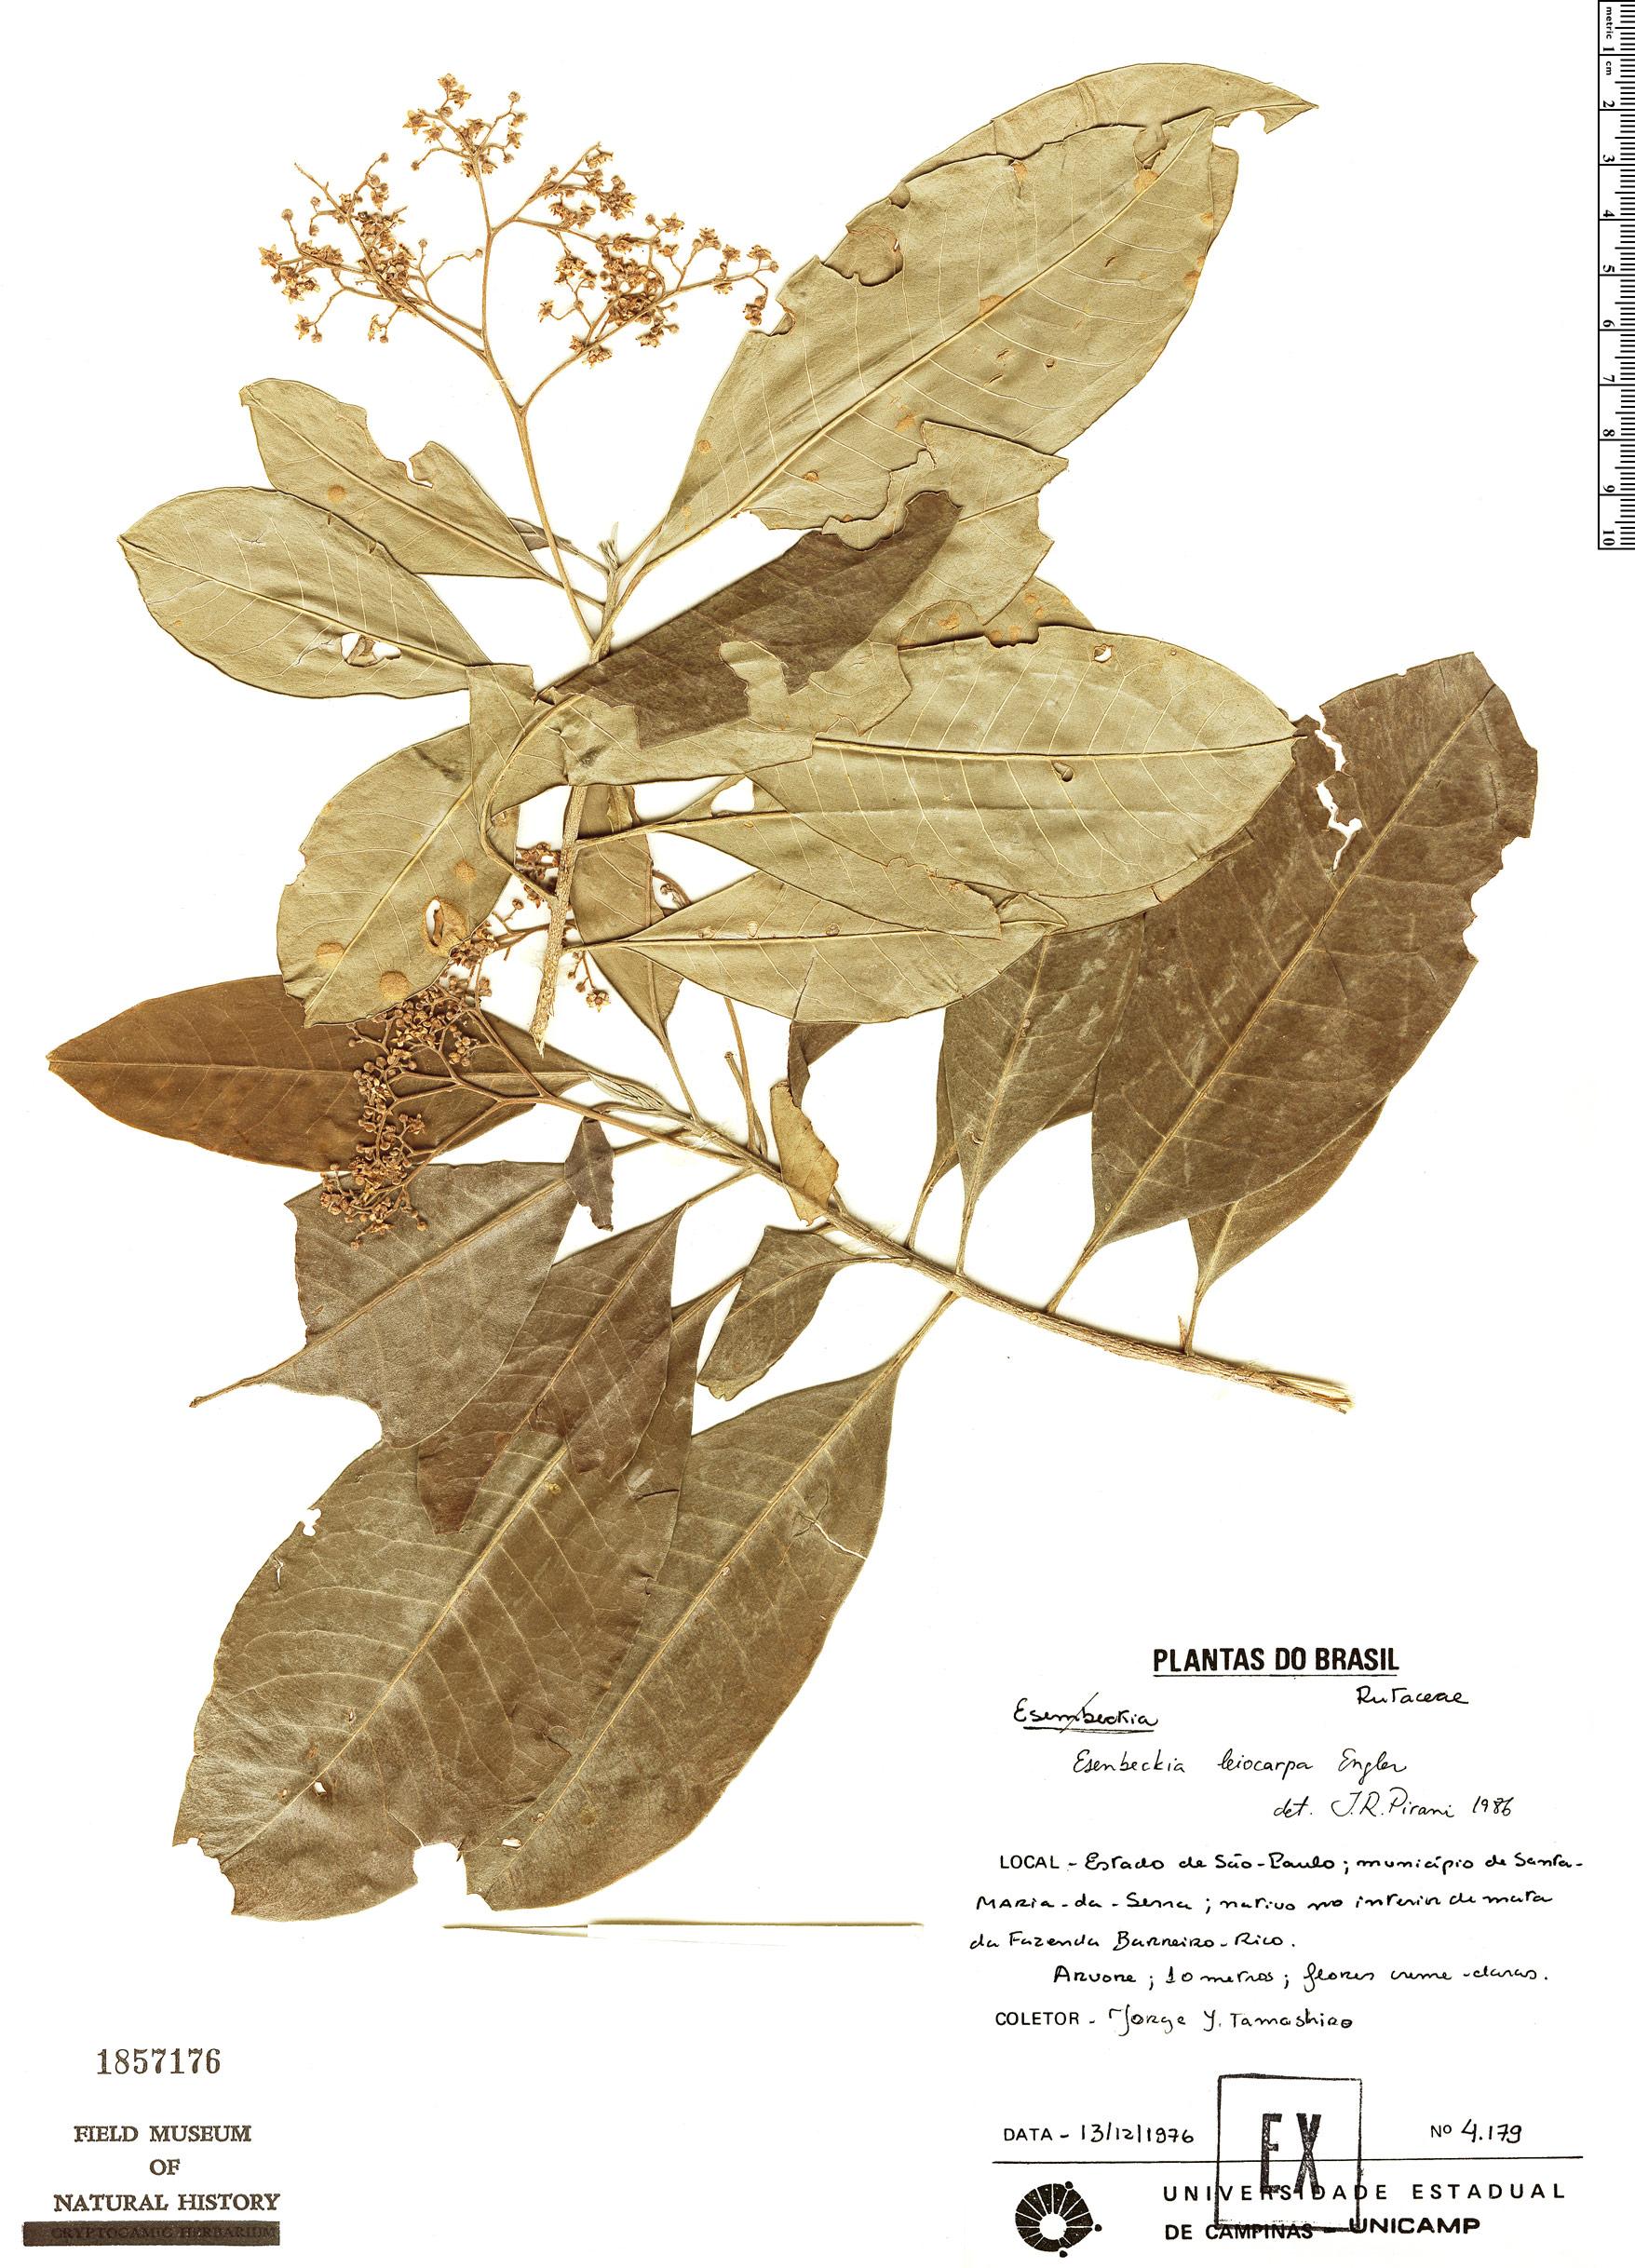 Specimen: Esenbeckia leiocarpa